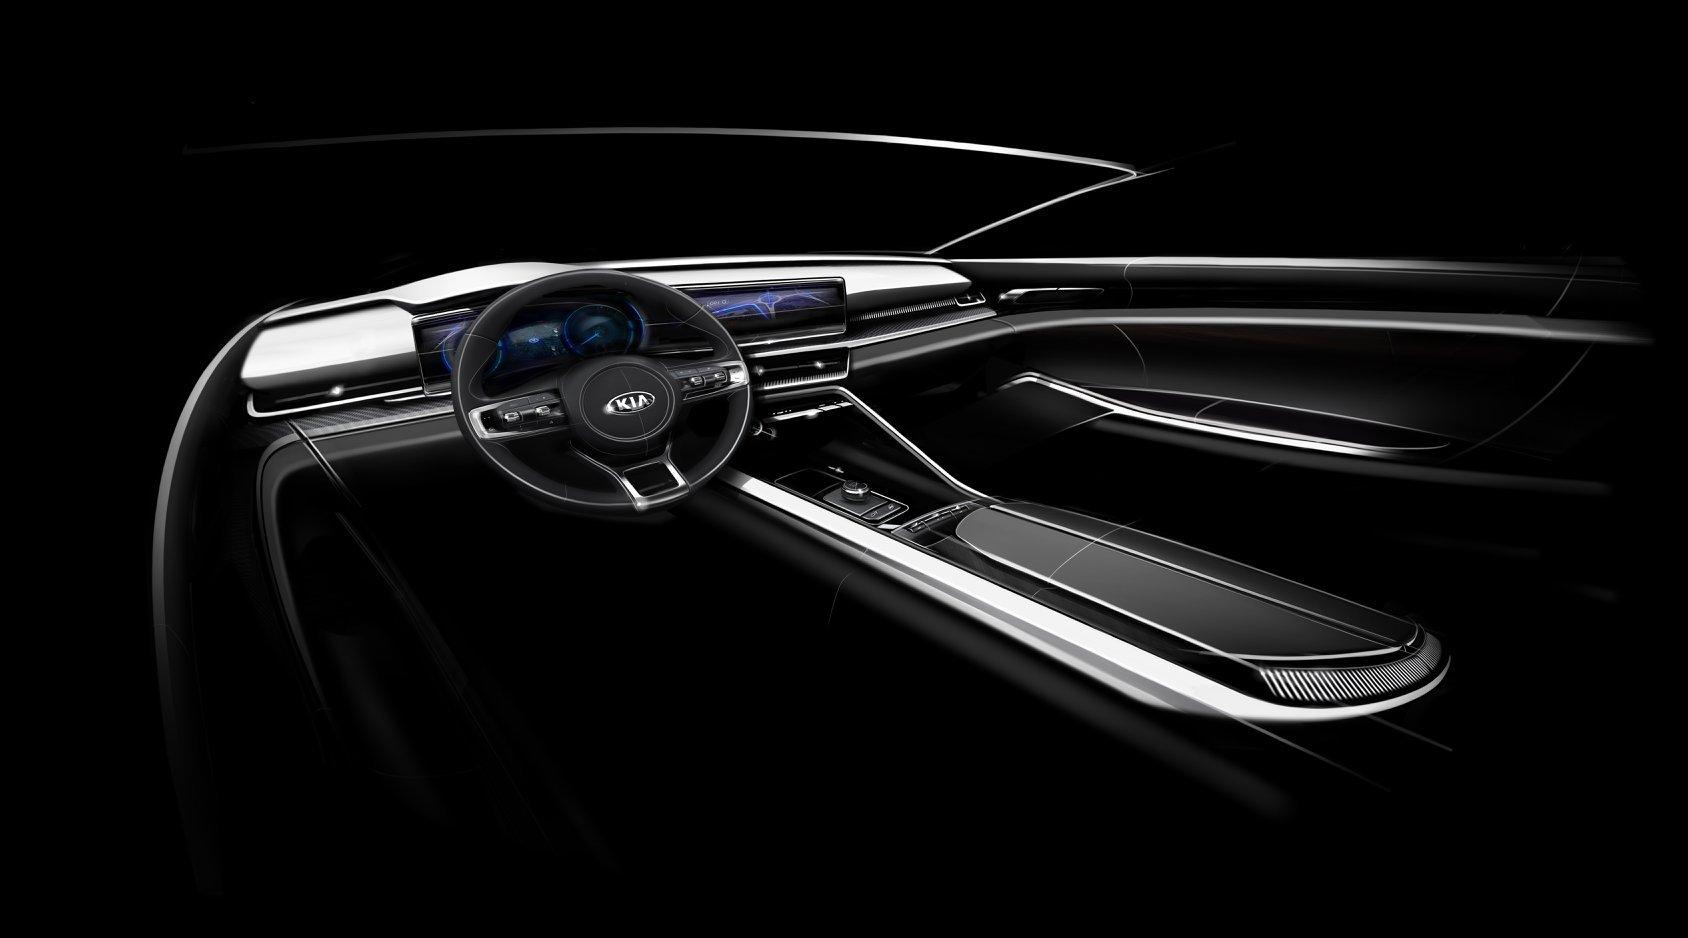 2021 kia optima revealed, hybrid powertrain with solar